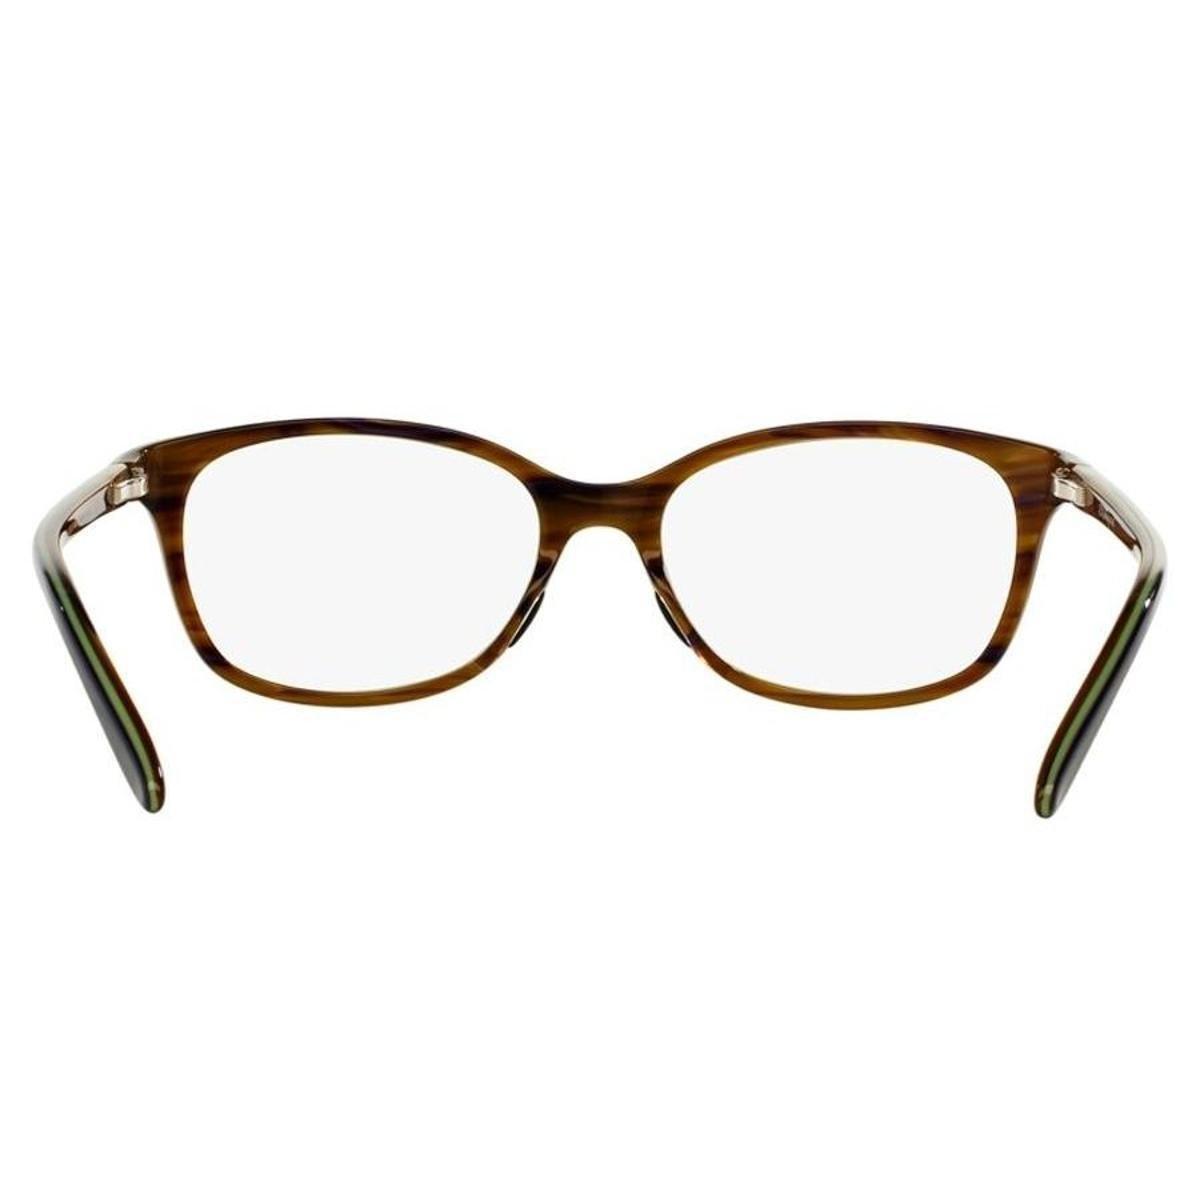 Armação Óculos de Grau Oakley Frame Standpoint OX1131 113104 52 ... ef2778f024a3e